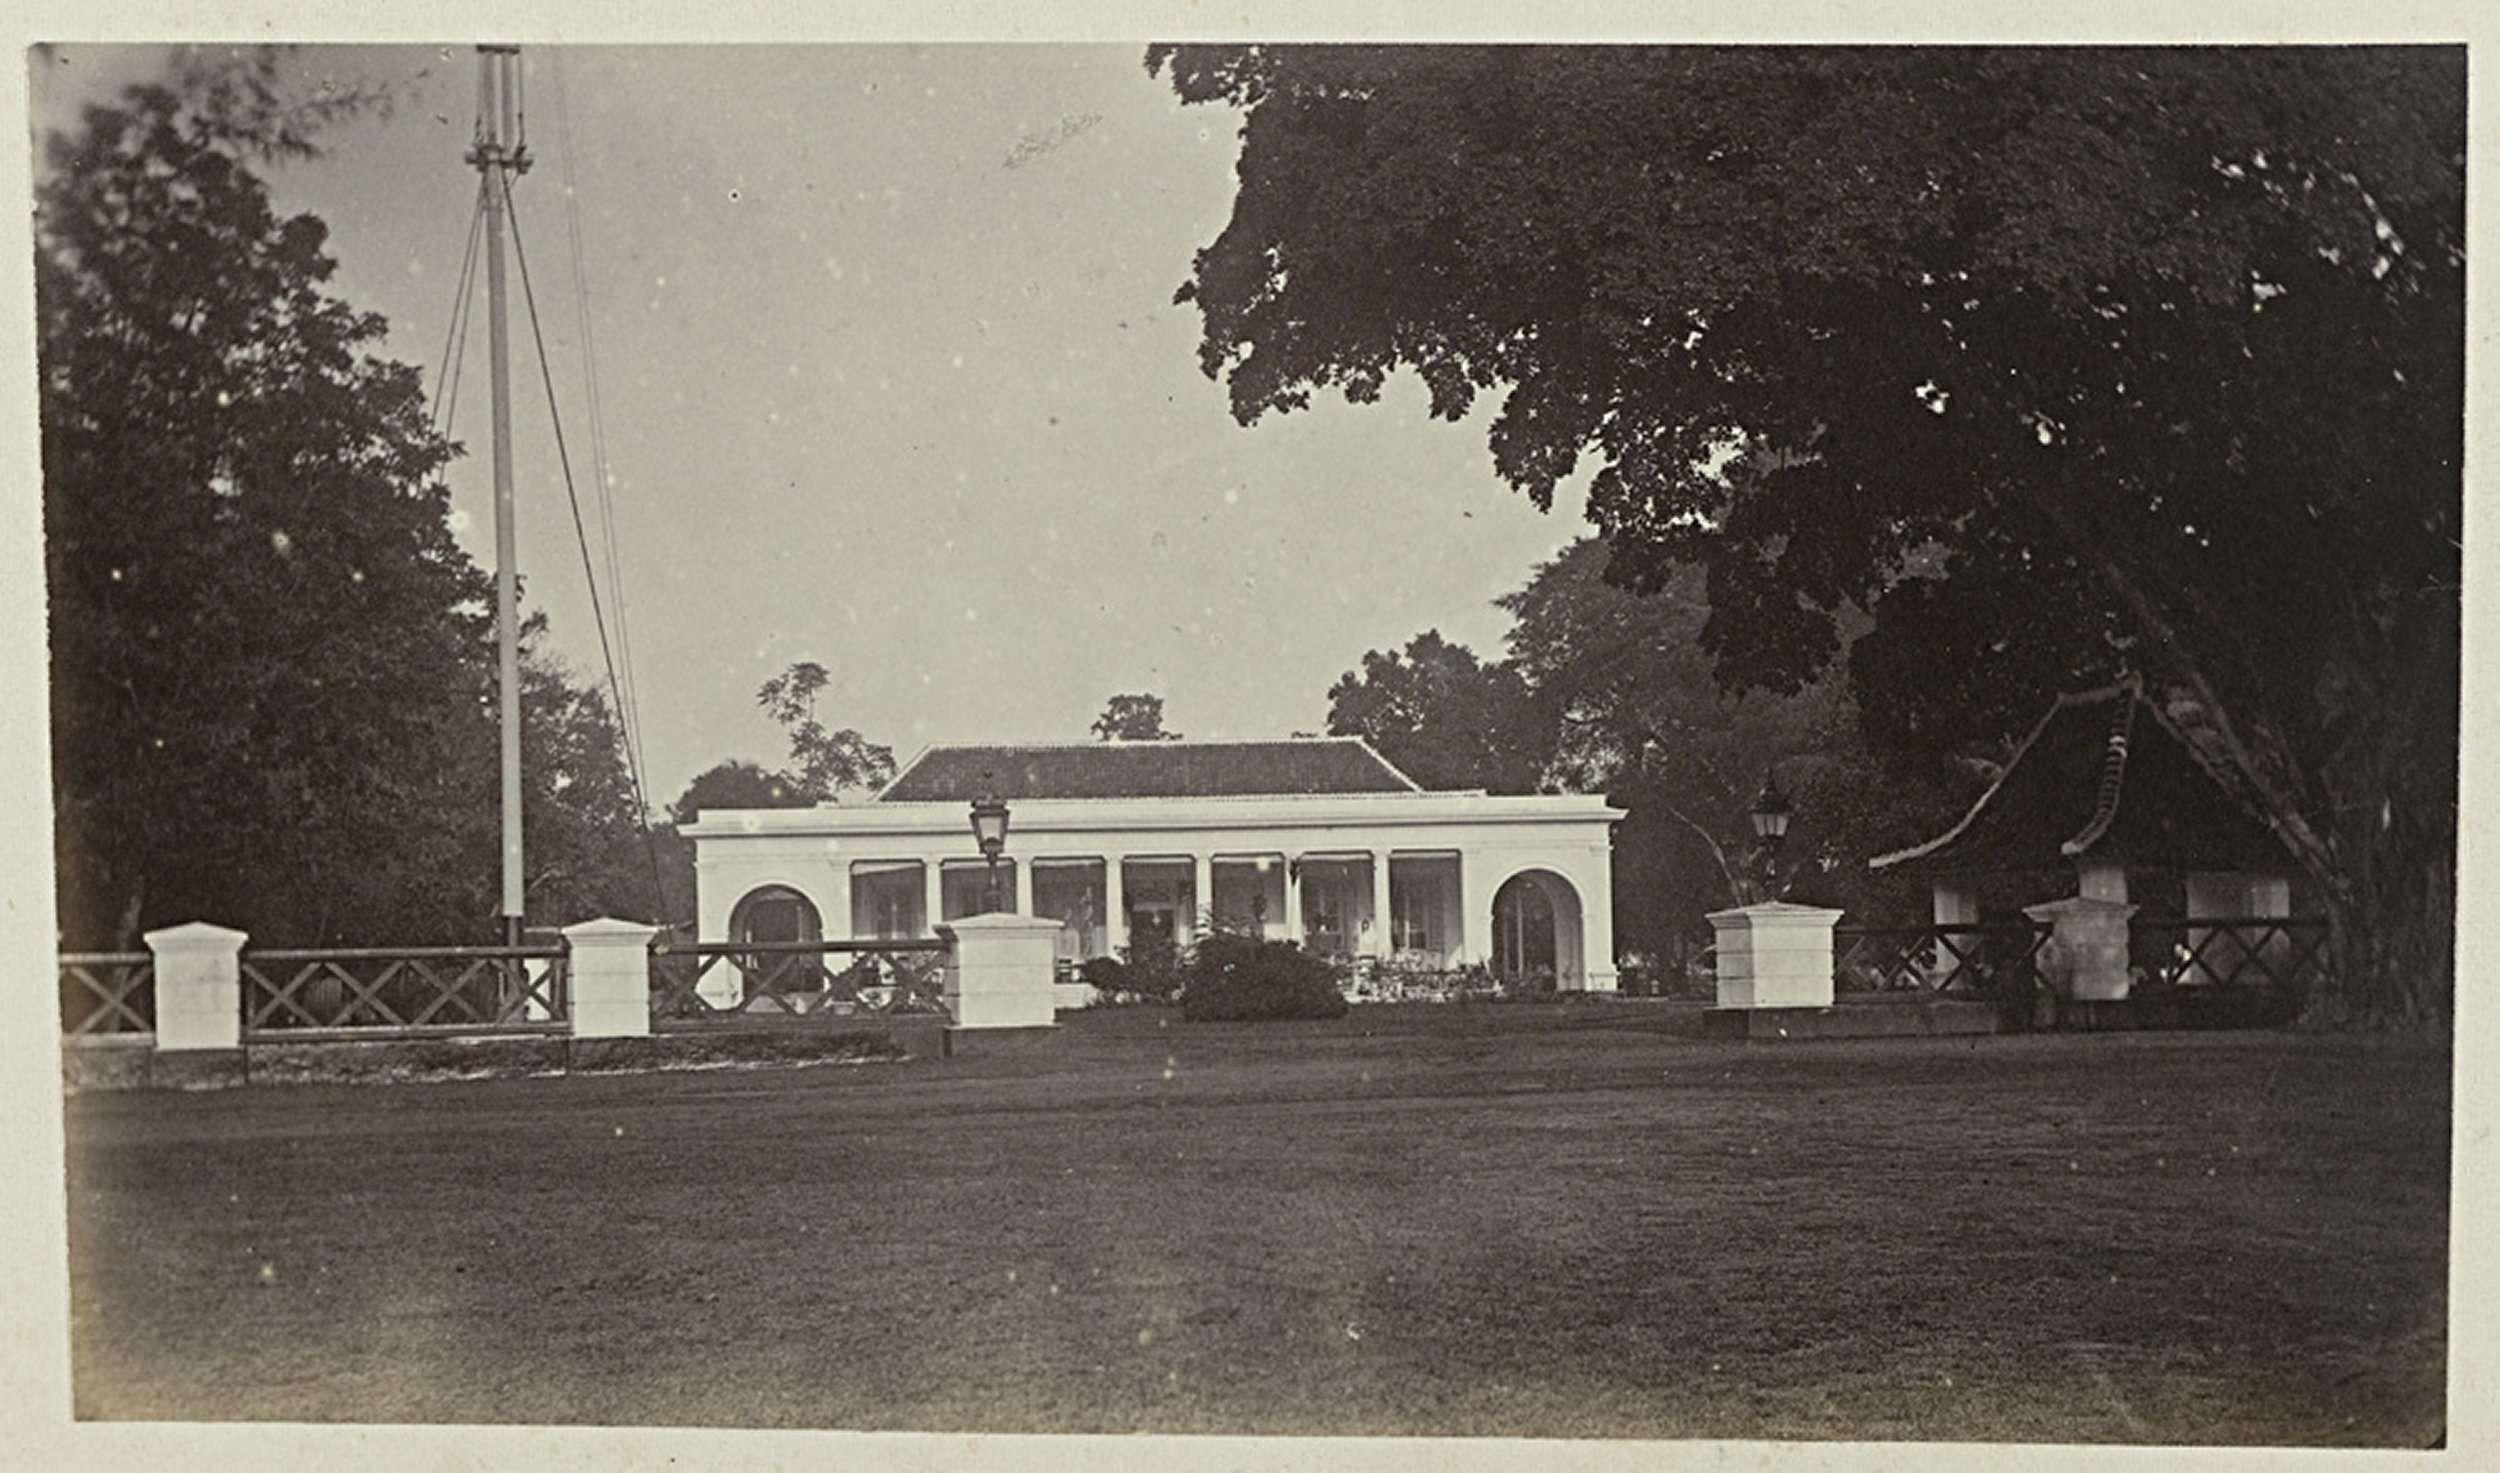 Woodbury & Page   Woonhuis, Woodbury & Page, 1863 - 1869   Een woonhuis gezien vanaf de weg. Onderdeel van het groene fotoalbum met foto's van Java, uit het bezit van apotheker Specht-Grijp, die in 1865 vanuit Batavia naar Nederland terugkeerde.